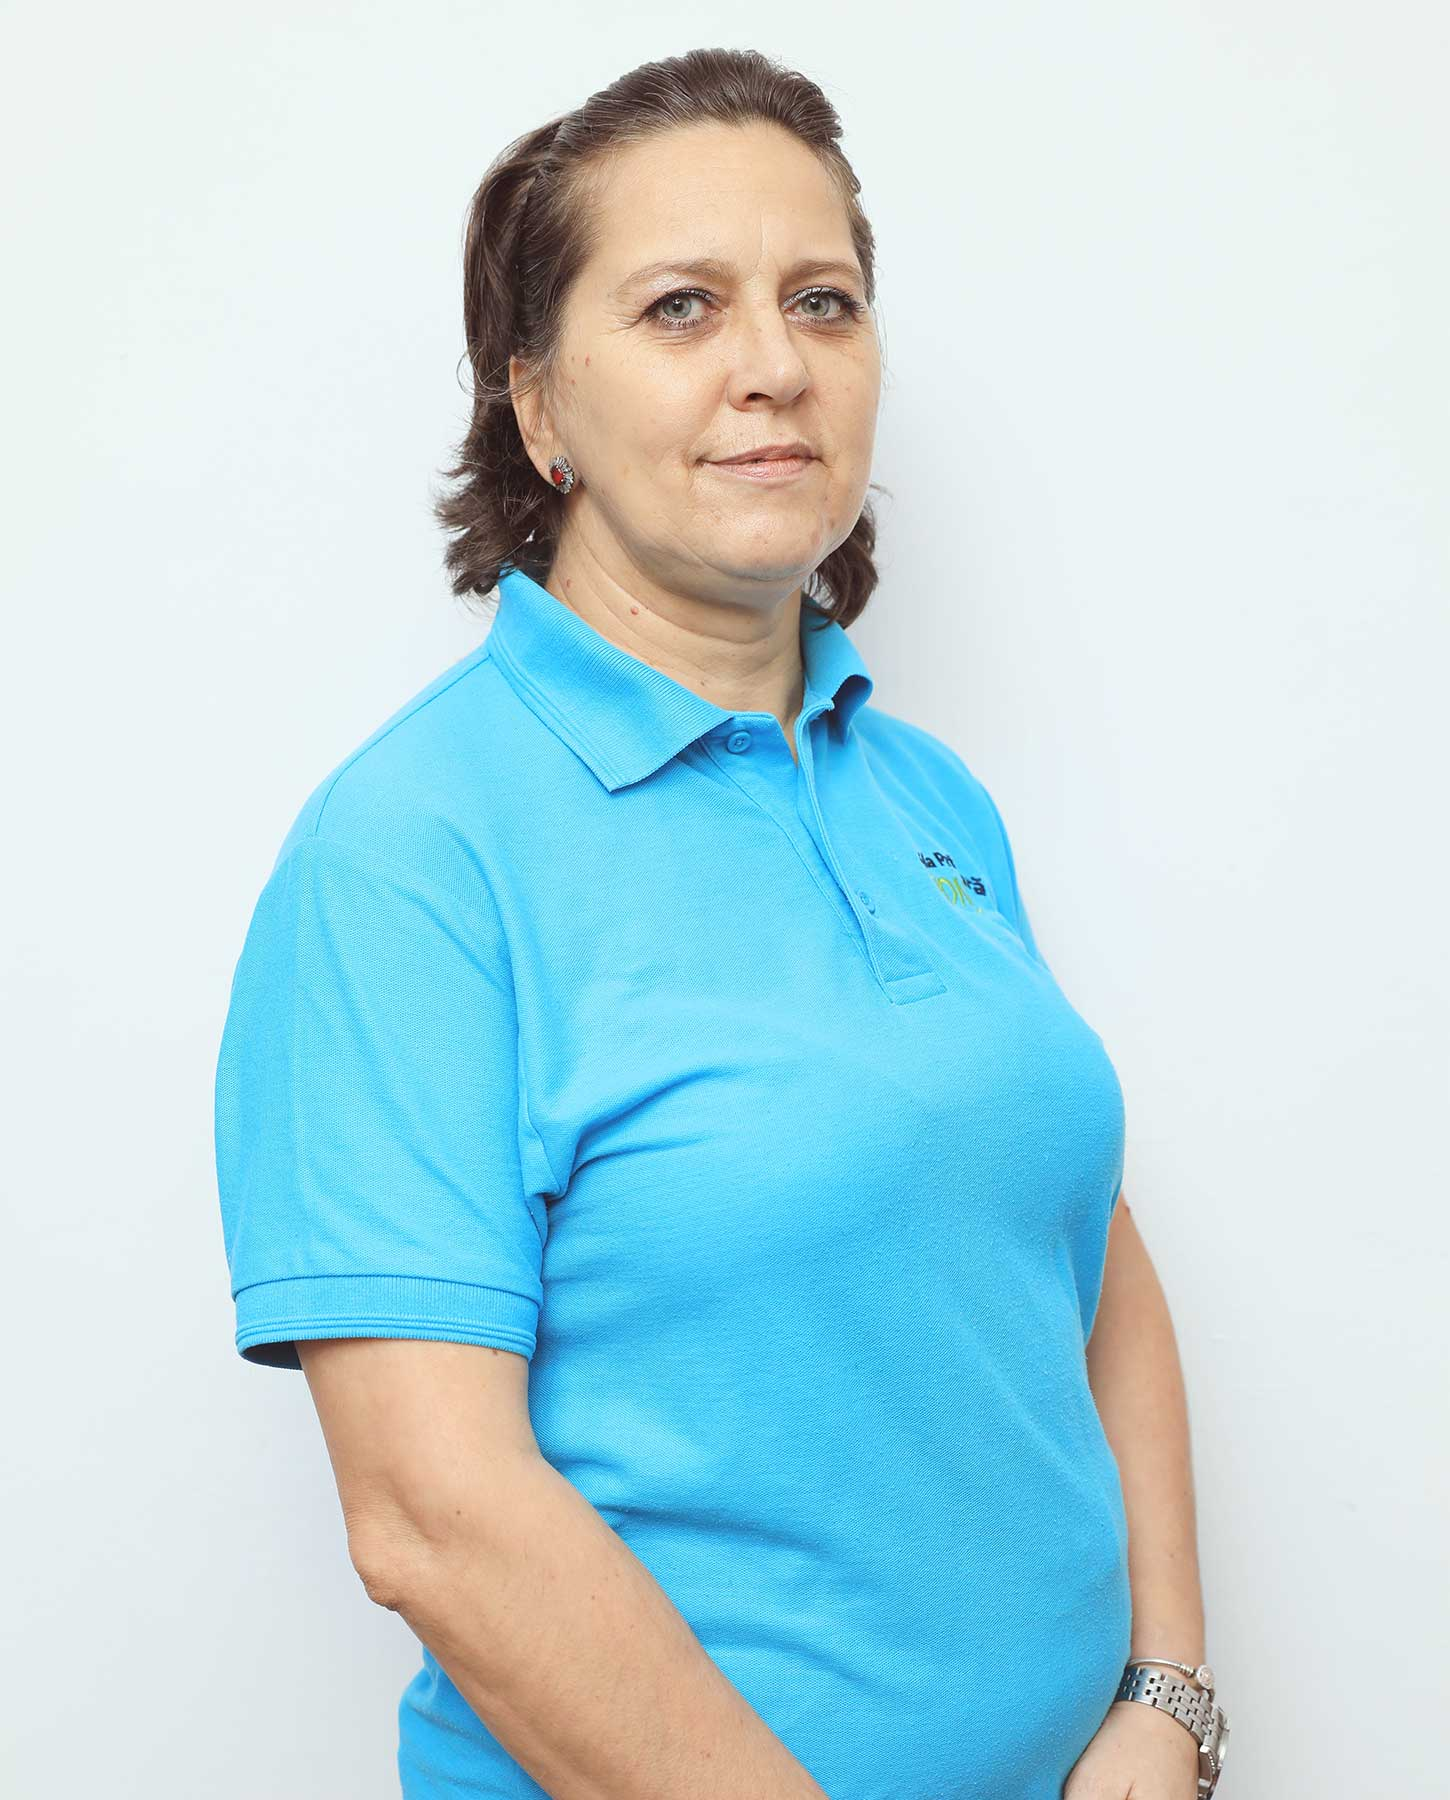 Petruța Drăghici